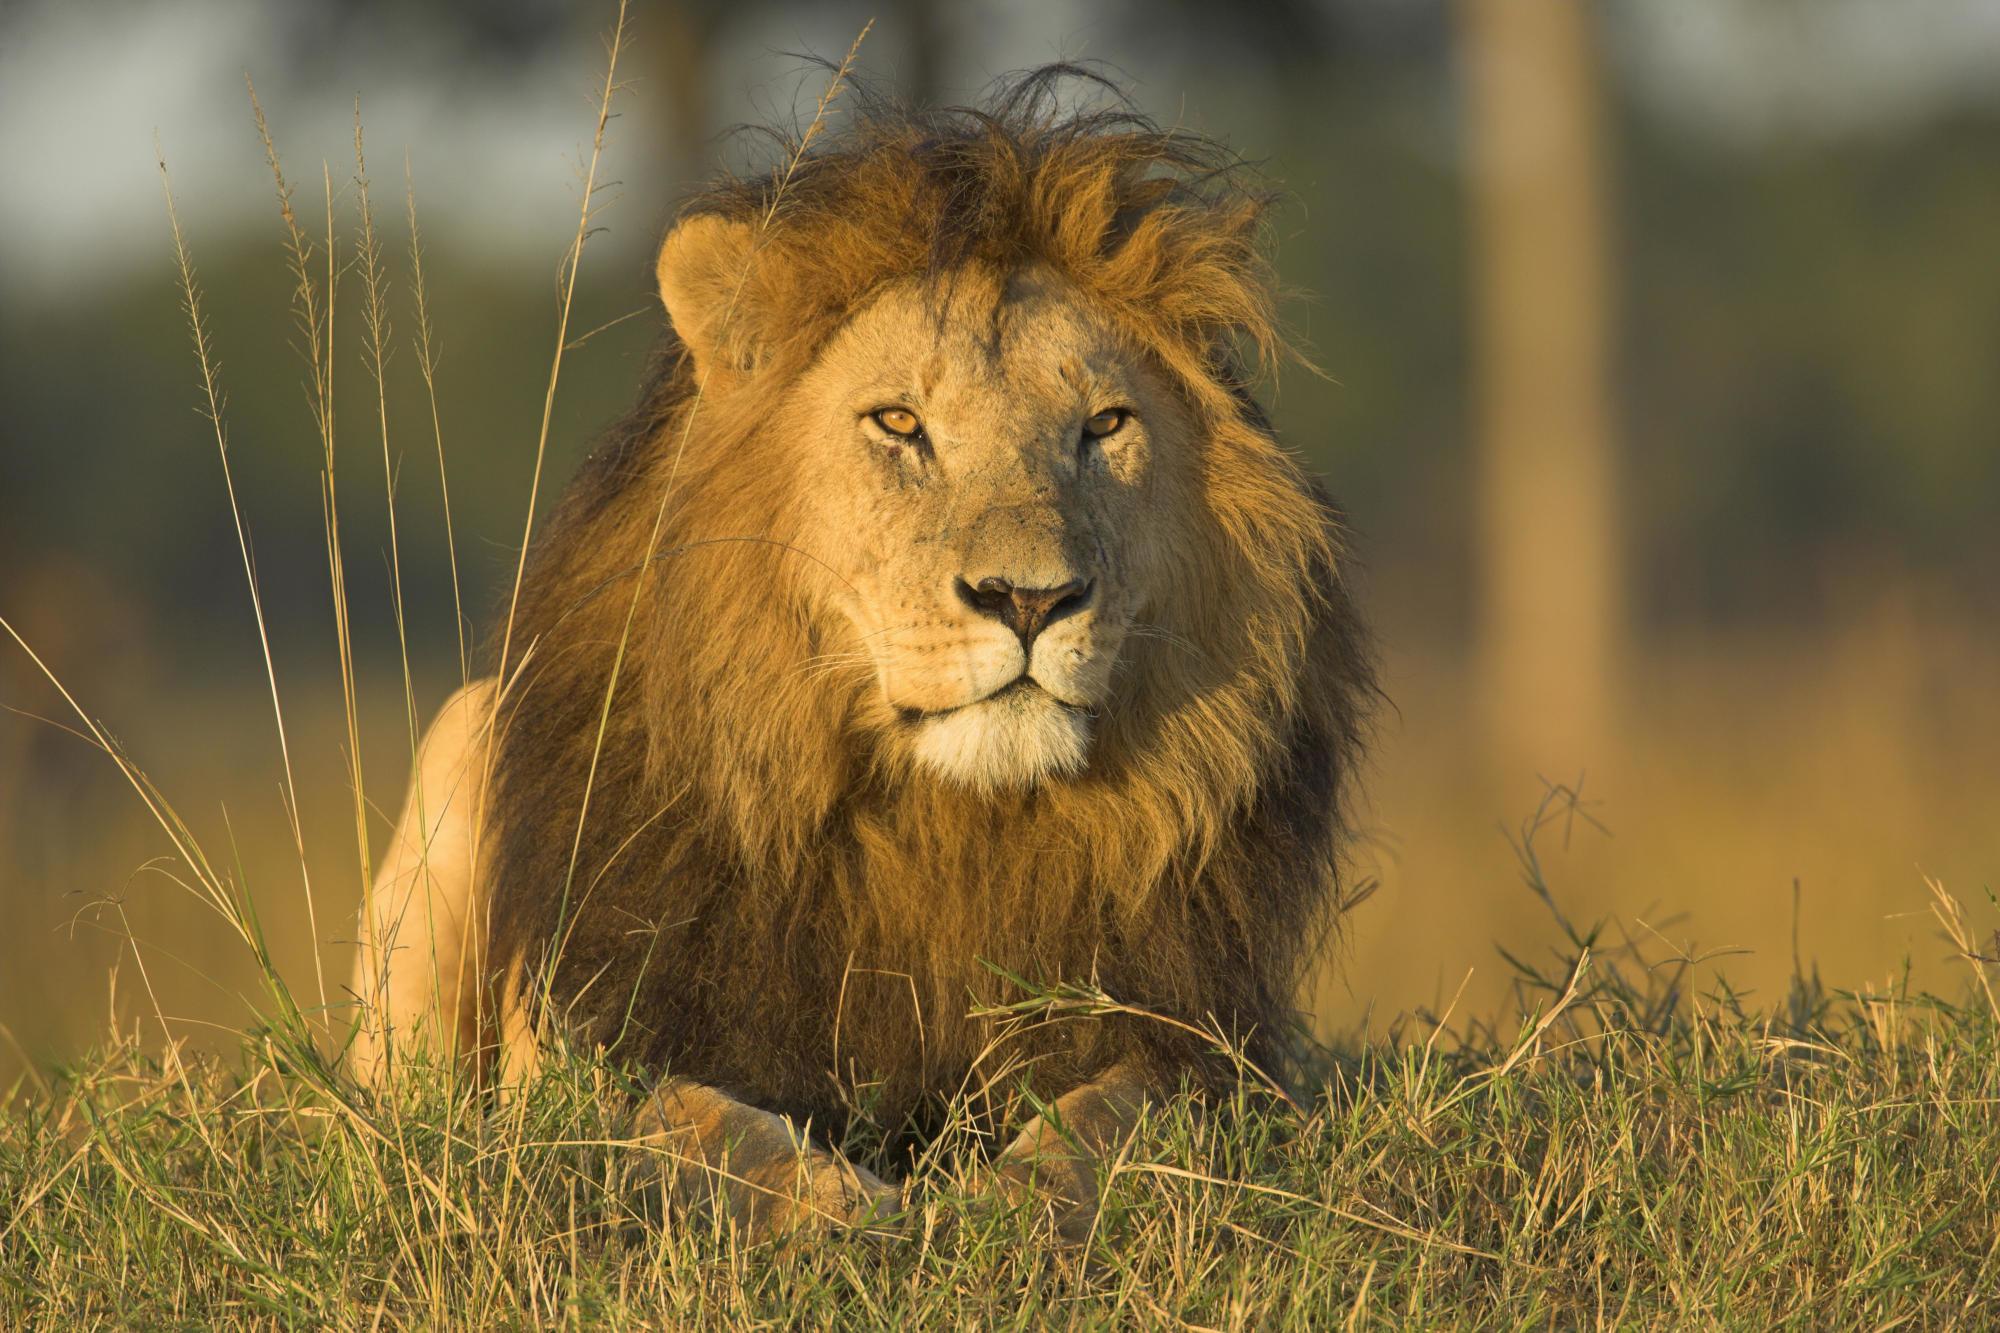 Big cat lion wallpaper